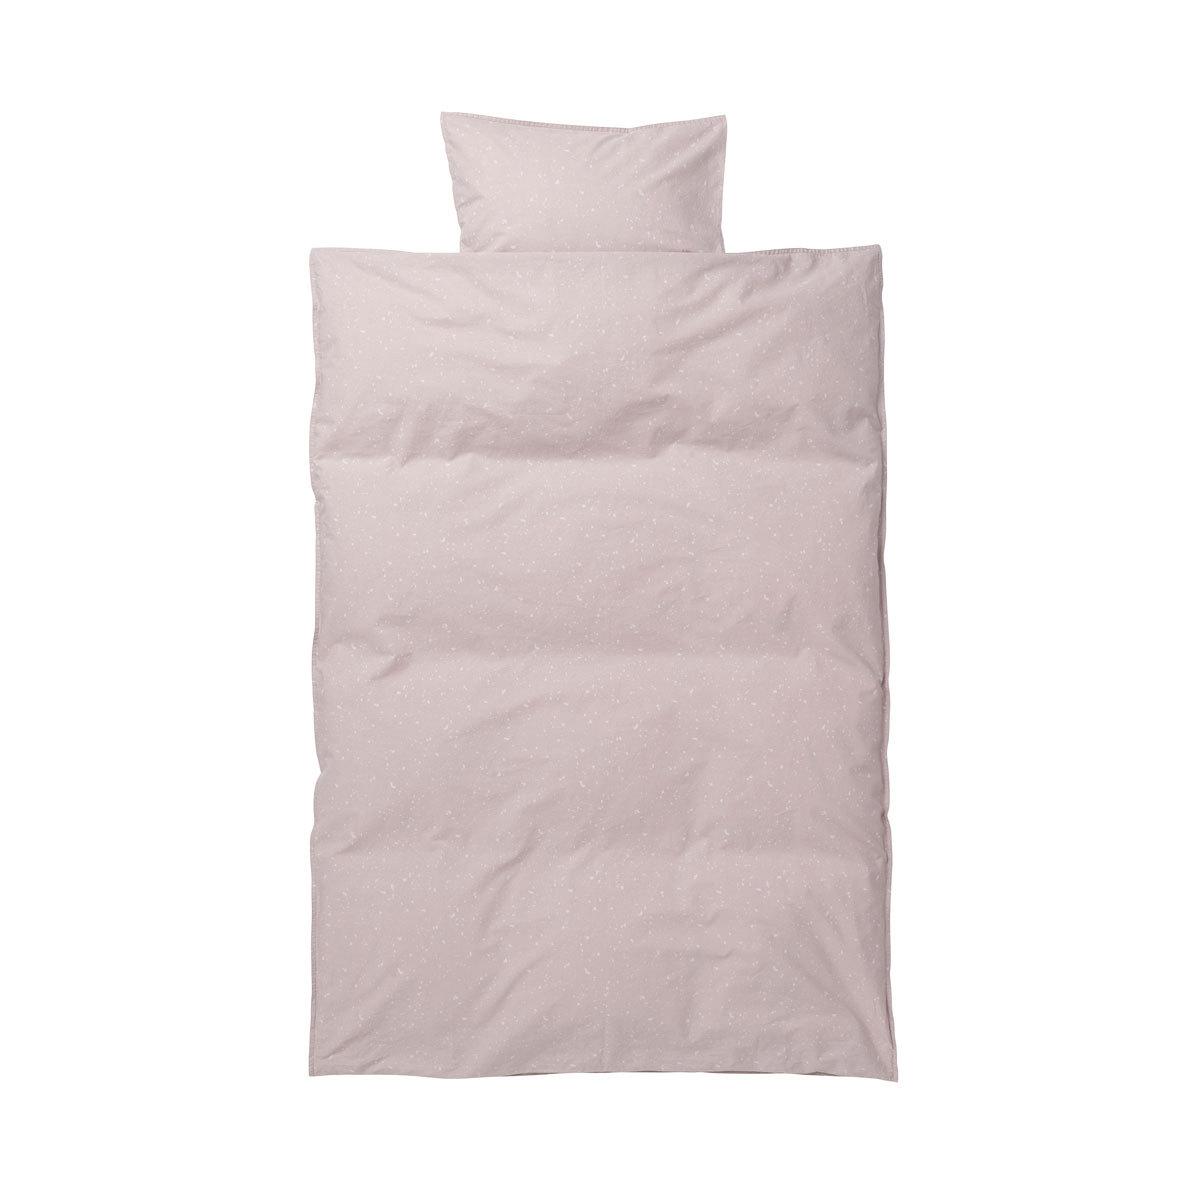 ferm living parure de lit junior milkyway rose linge de lit ferm living sur l 39 armoire de b b. Black Bedroom Furniture Sets. Home Design Ideas